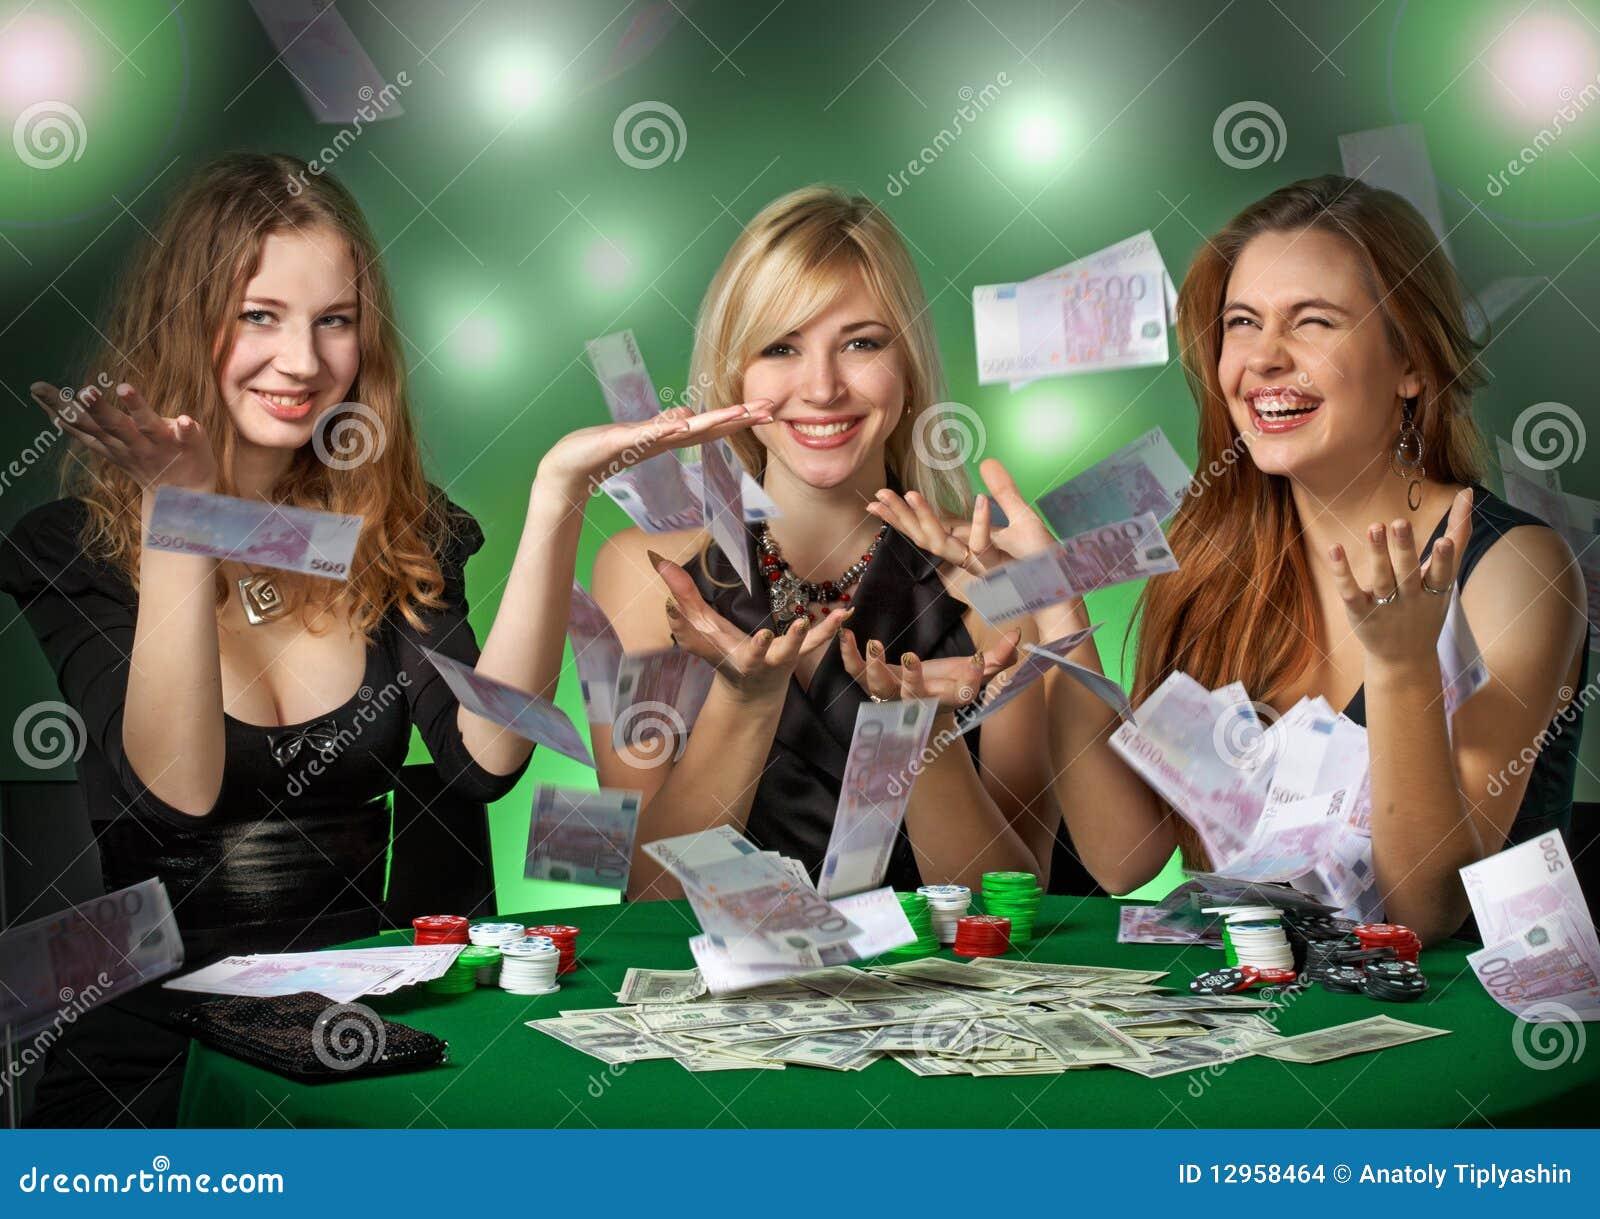 doxxbet casino